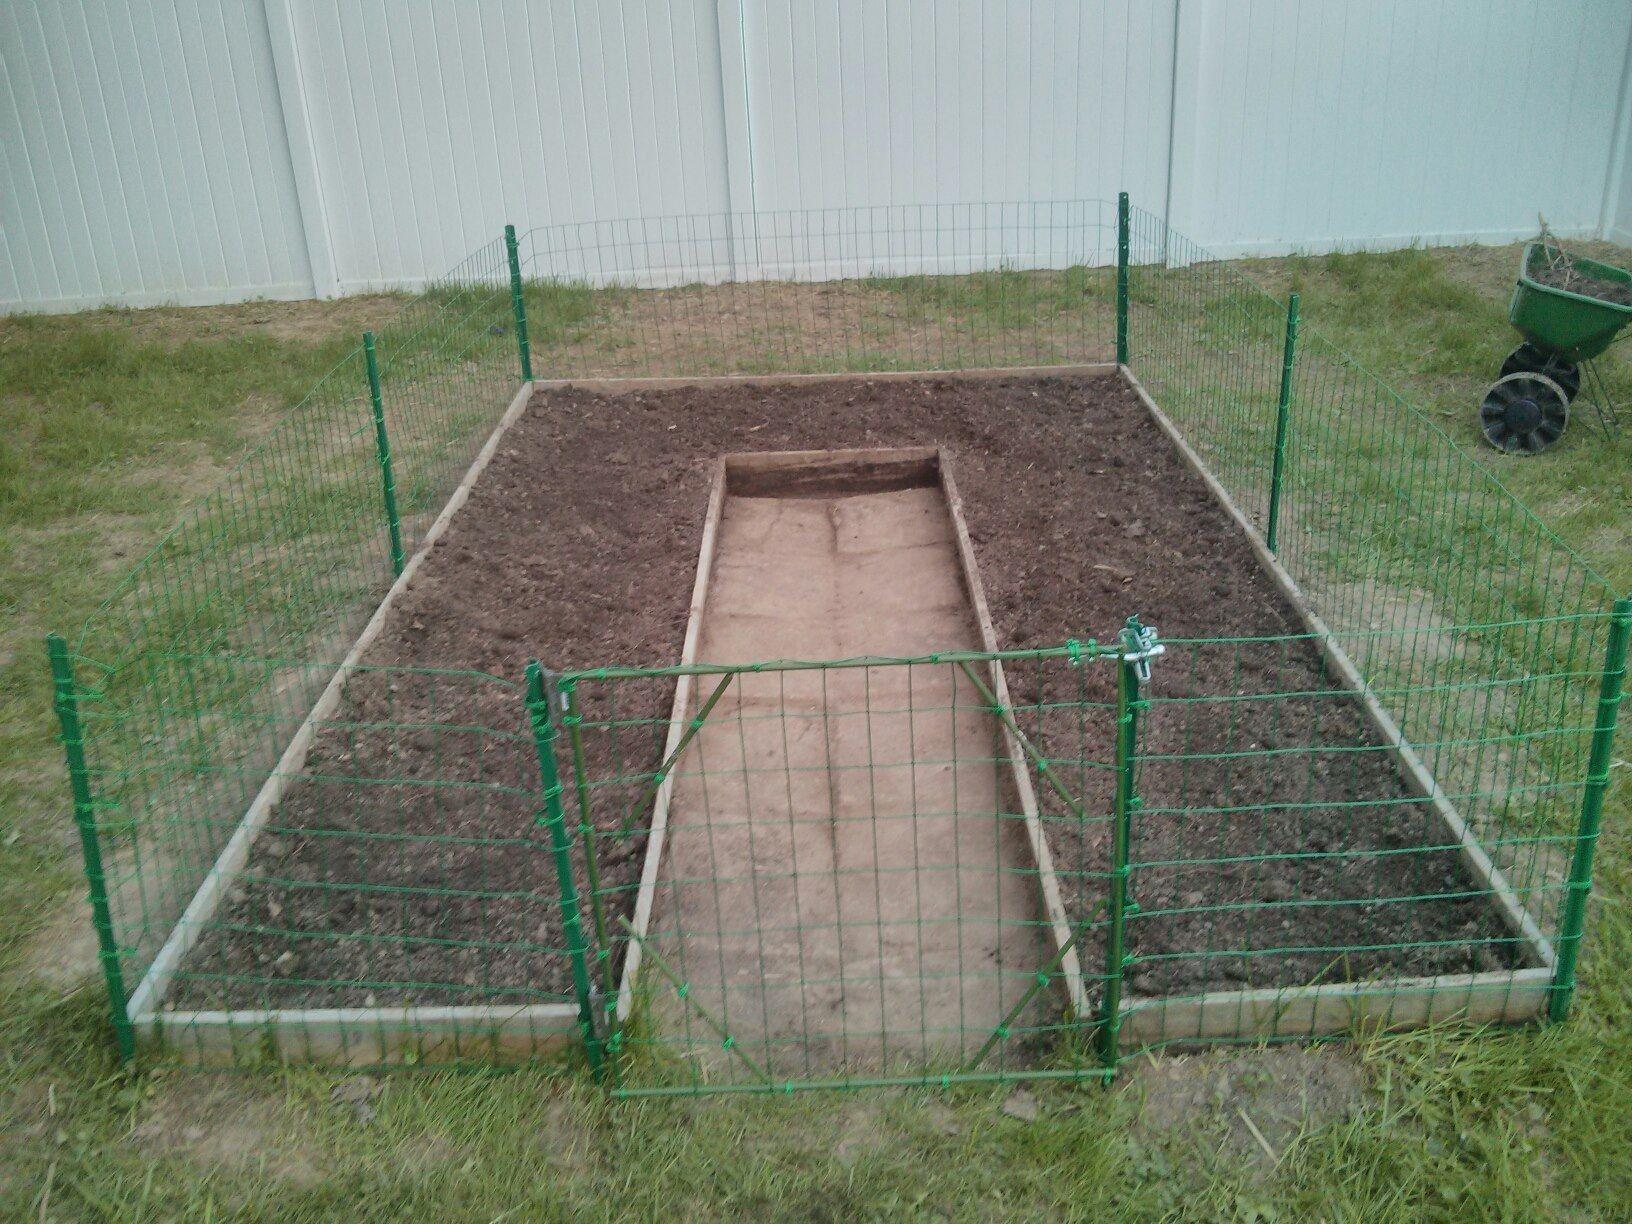 Wenn Sie Den Link Besuchen Erfahren Sie Welche Der Cleversten Ideen Fur Drahtgartenzaune Bilder E In 2020 Chicken Wire Fence Diy Garden Fence Fenced Vegetable Garden